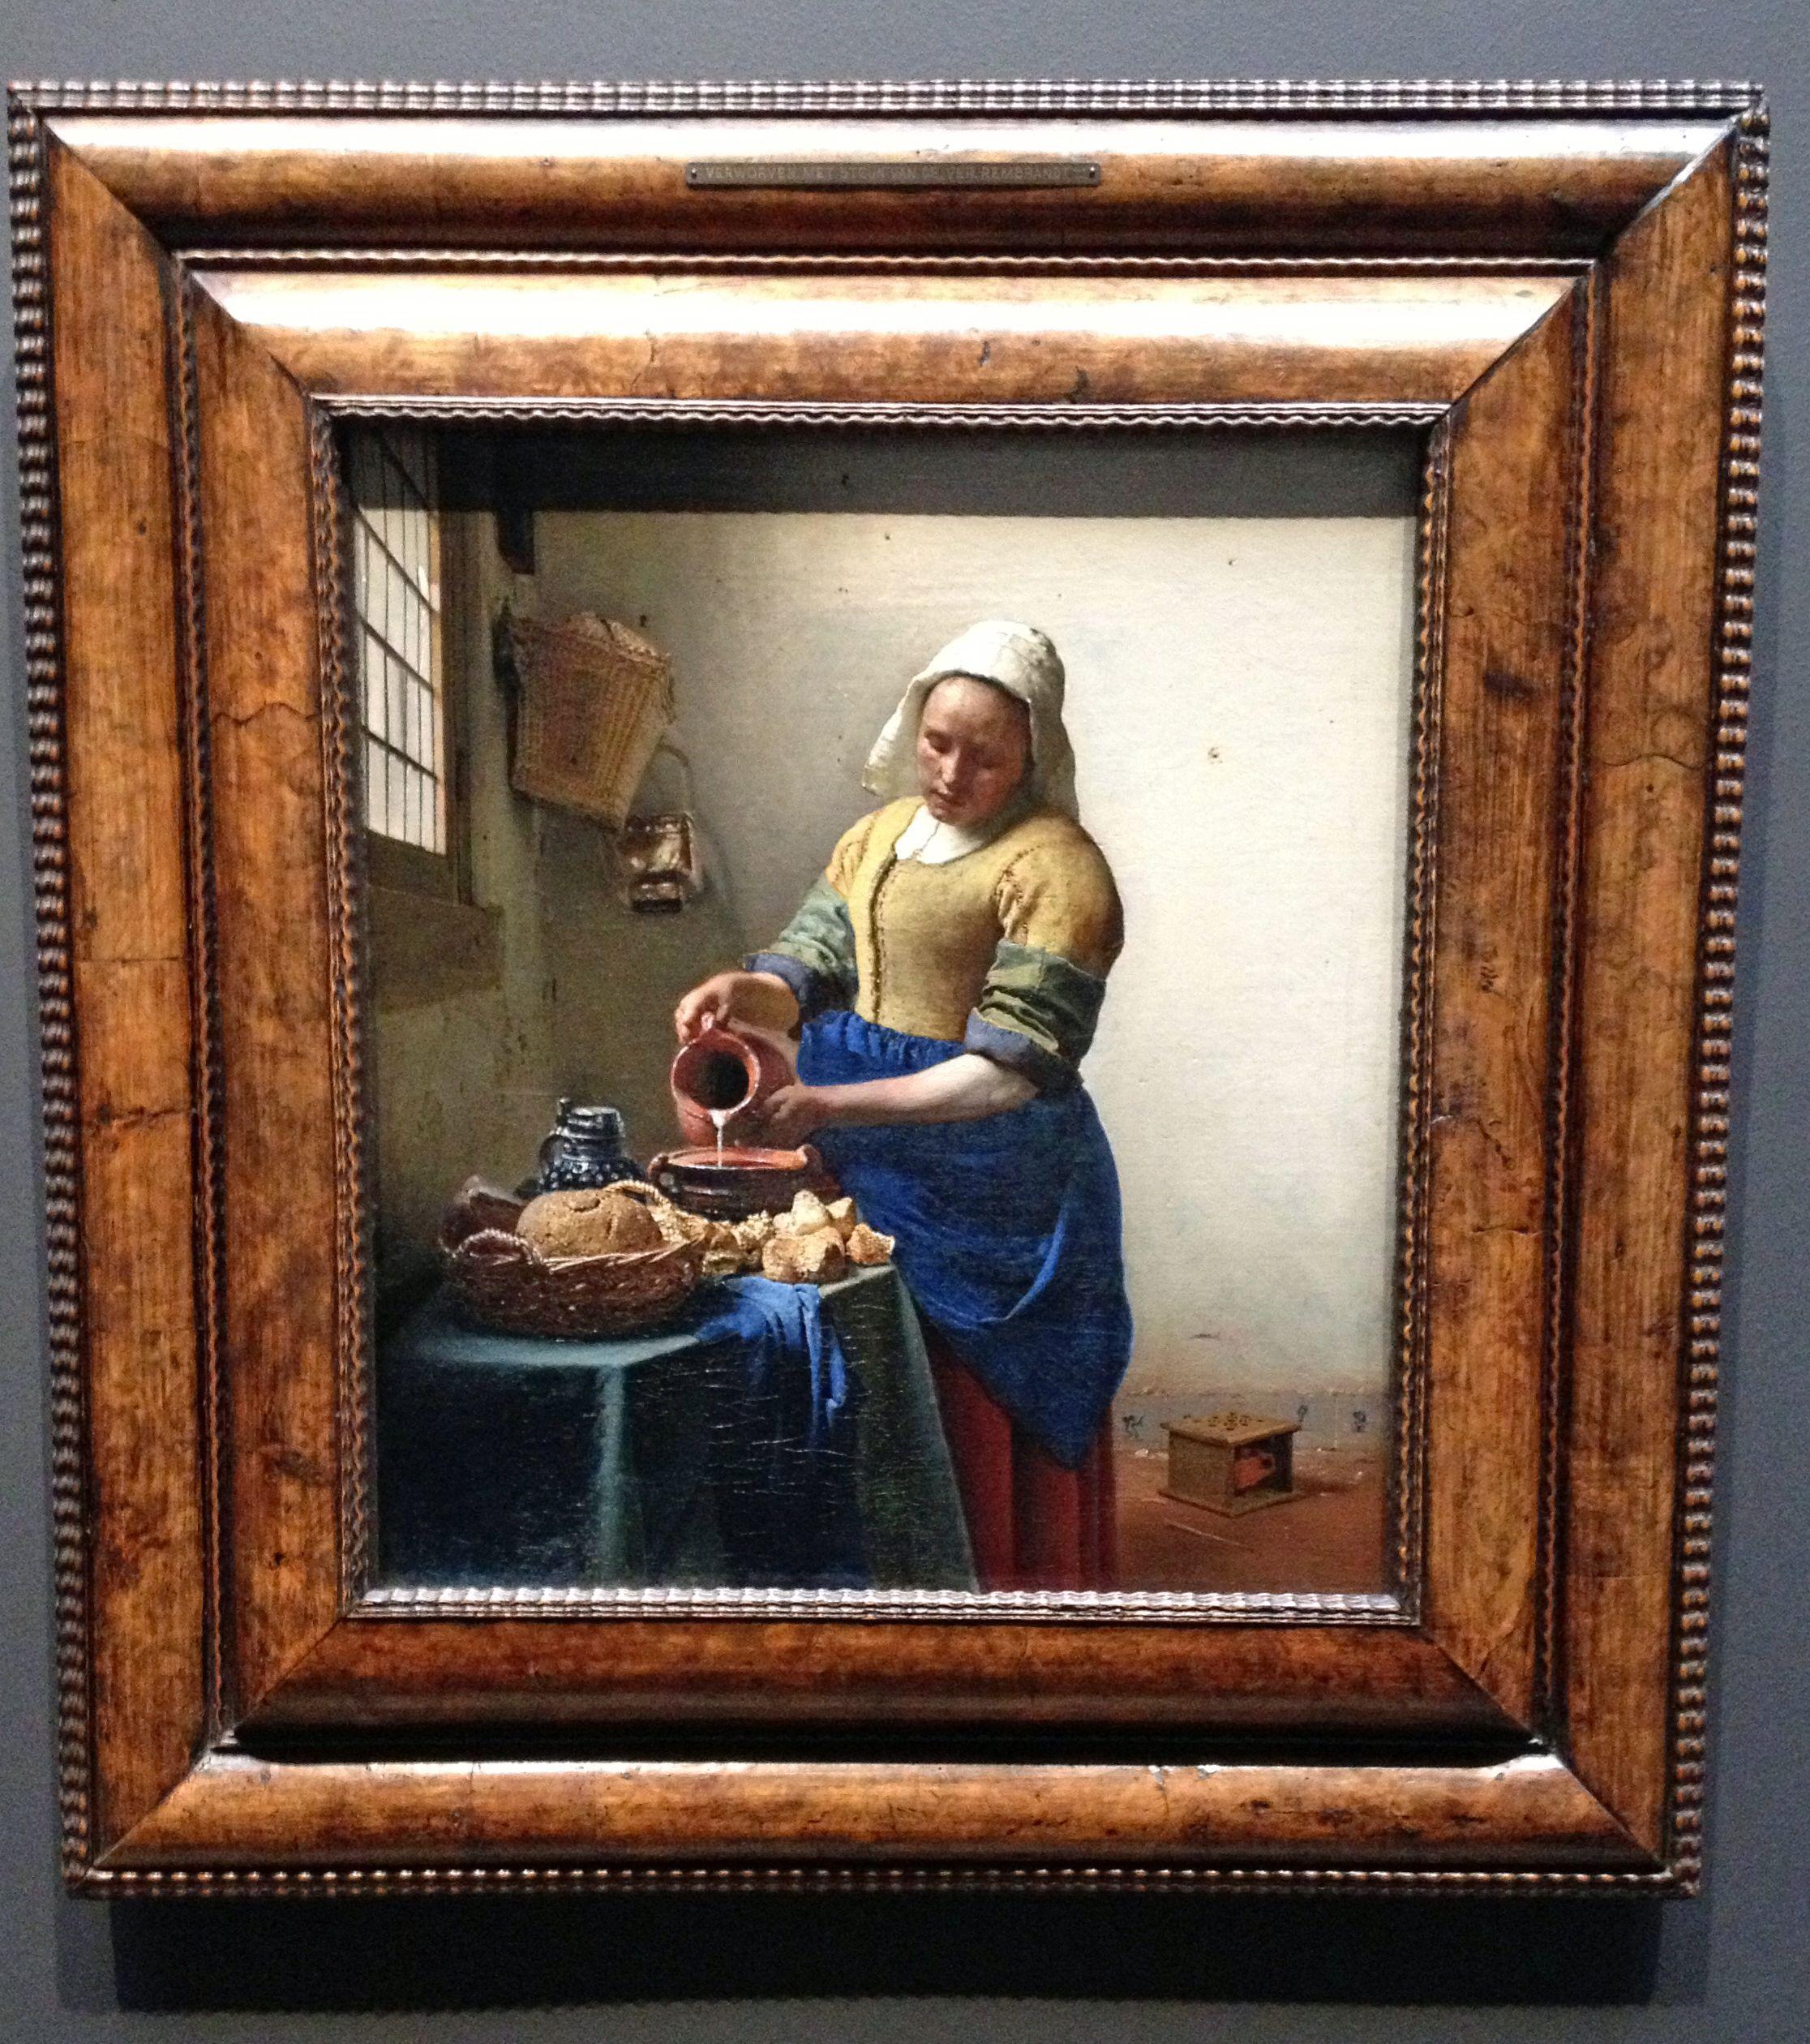 """Vi er blevet mere og mere glad for Vermeers malerier. Maria havde på et tidspunkt et billede fra en kalender med Vermeers """"Pigen der vejer perler"""" og hun var meget fascineret af billedet. Det var før hun kendte noget til Vermeer. Plakaten er desværre for længst forsvundet. Det gode er, at vi kan tage rundt på museerne og se de originale malerier. Denne lille """"billede-historie"""" beretter om vores """"jagt"""" på Vermeers malerier. Billederne er vores egne - mere eller mindre gode. (læs historien)"""